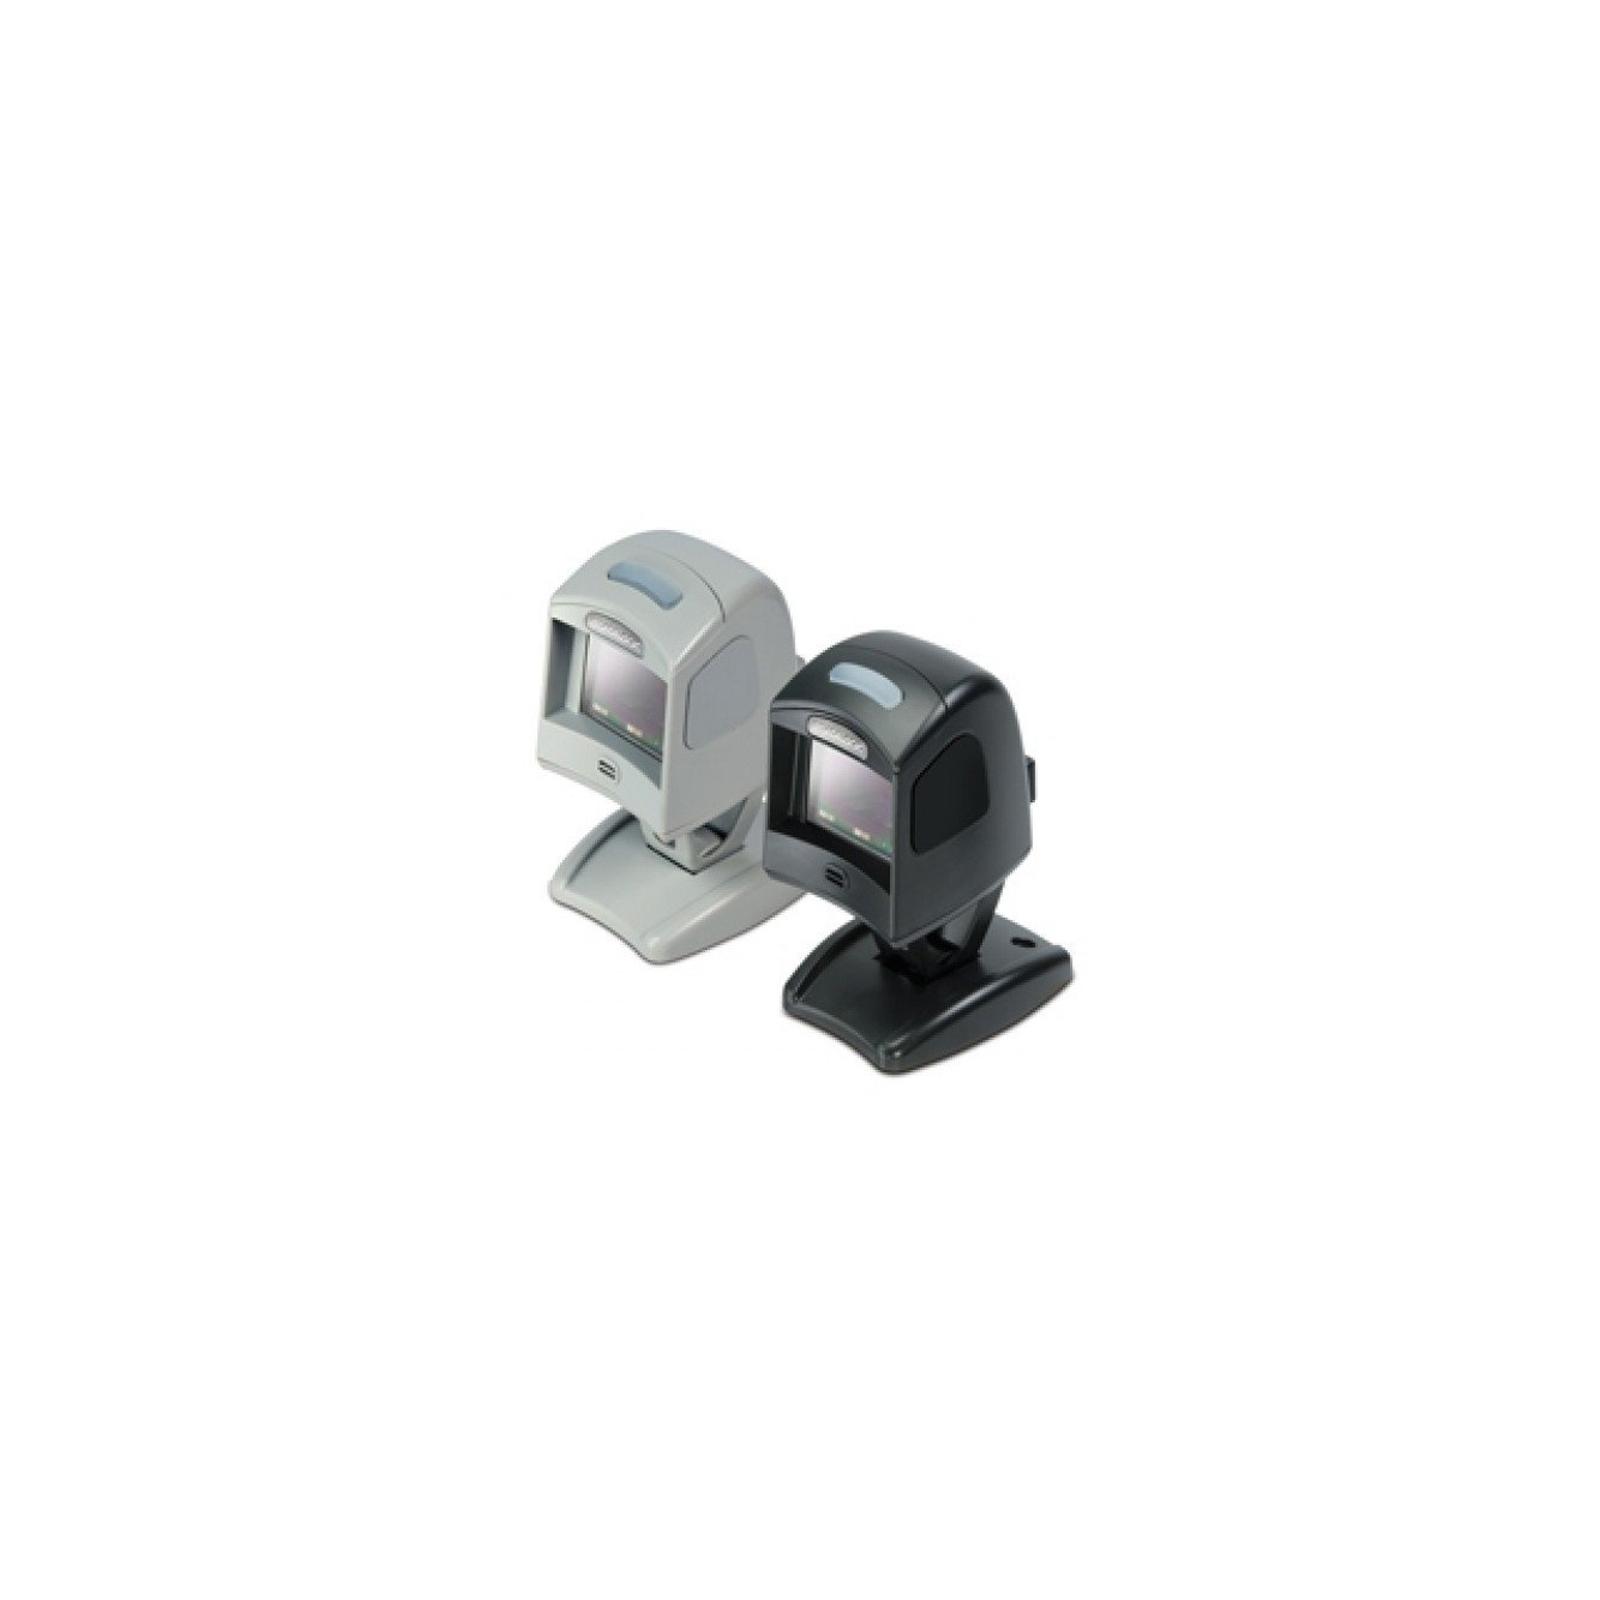 Сканер штрих-кода Datalogic Magellan 1100i 1D USB (MG112041-001-412)